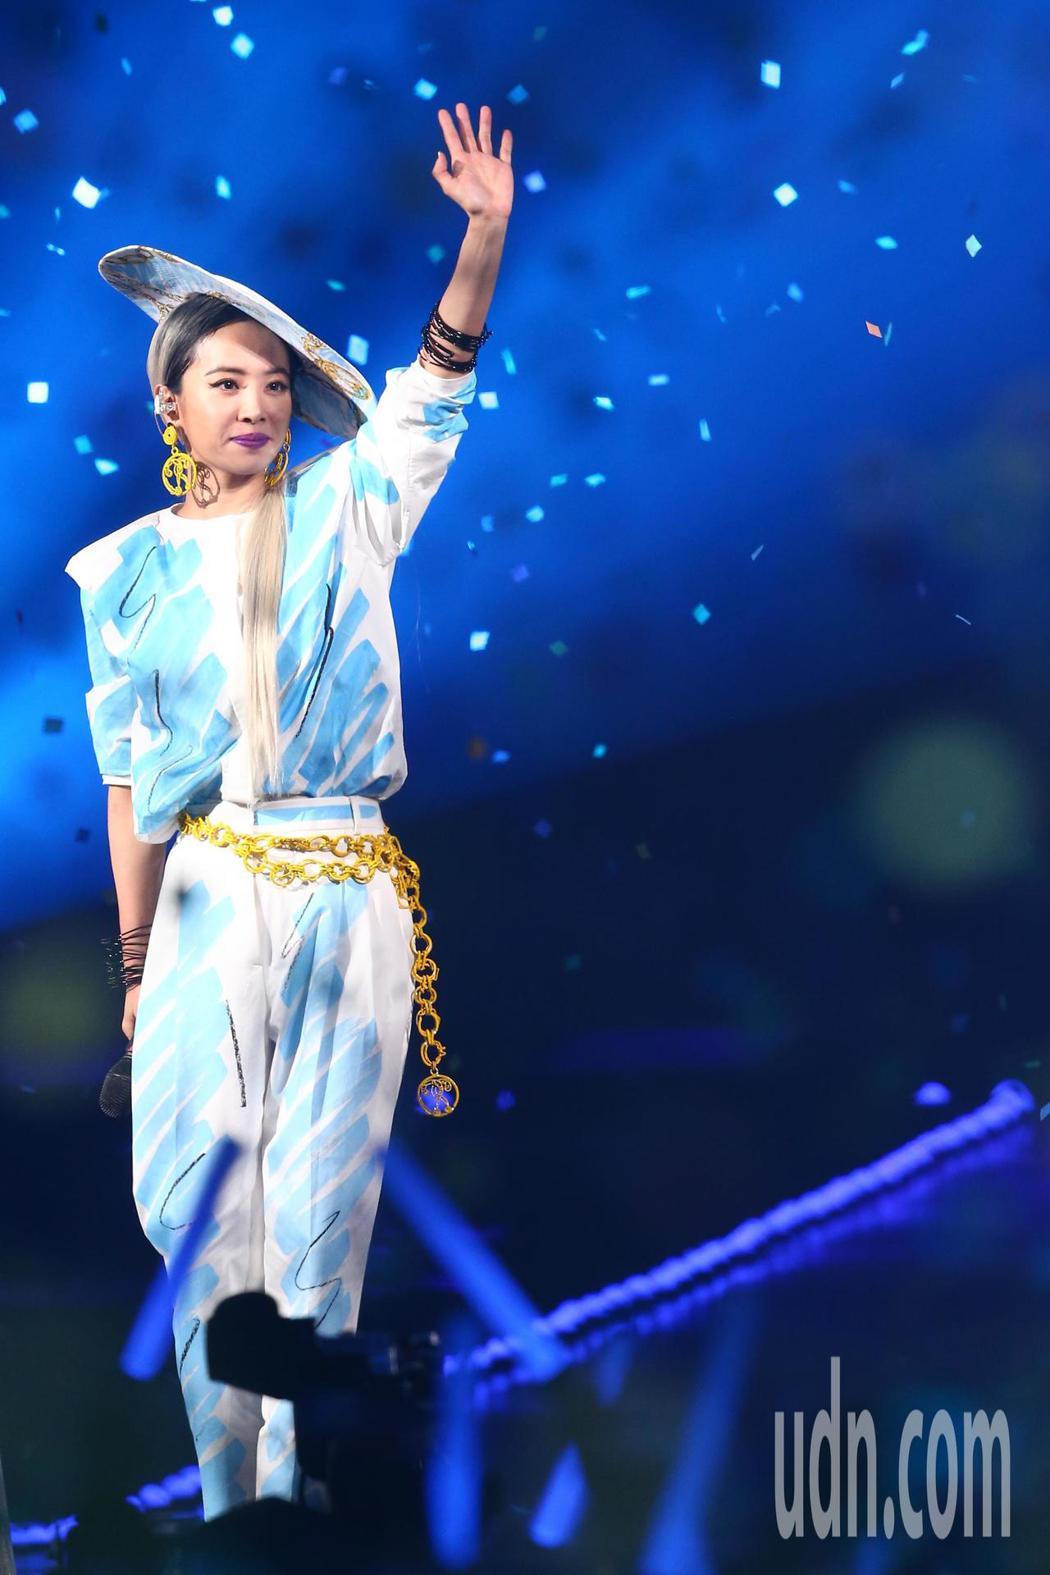 蔡依林參加第14屆kkbox風雲榜,並擔任表演嘉賓。記者葉信菉/攝影